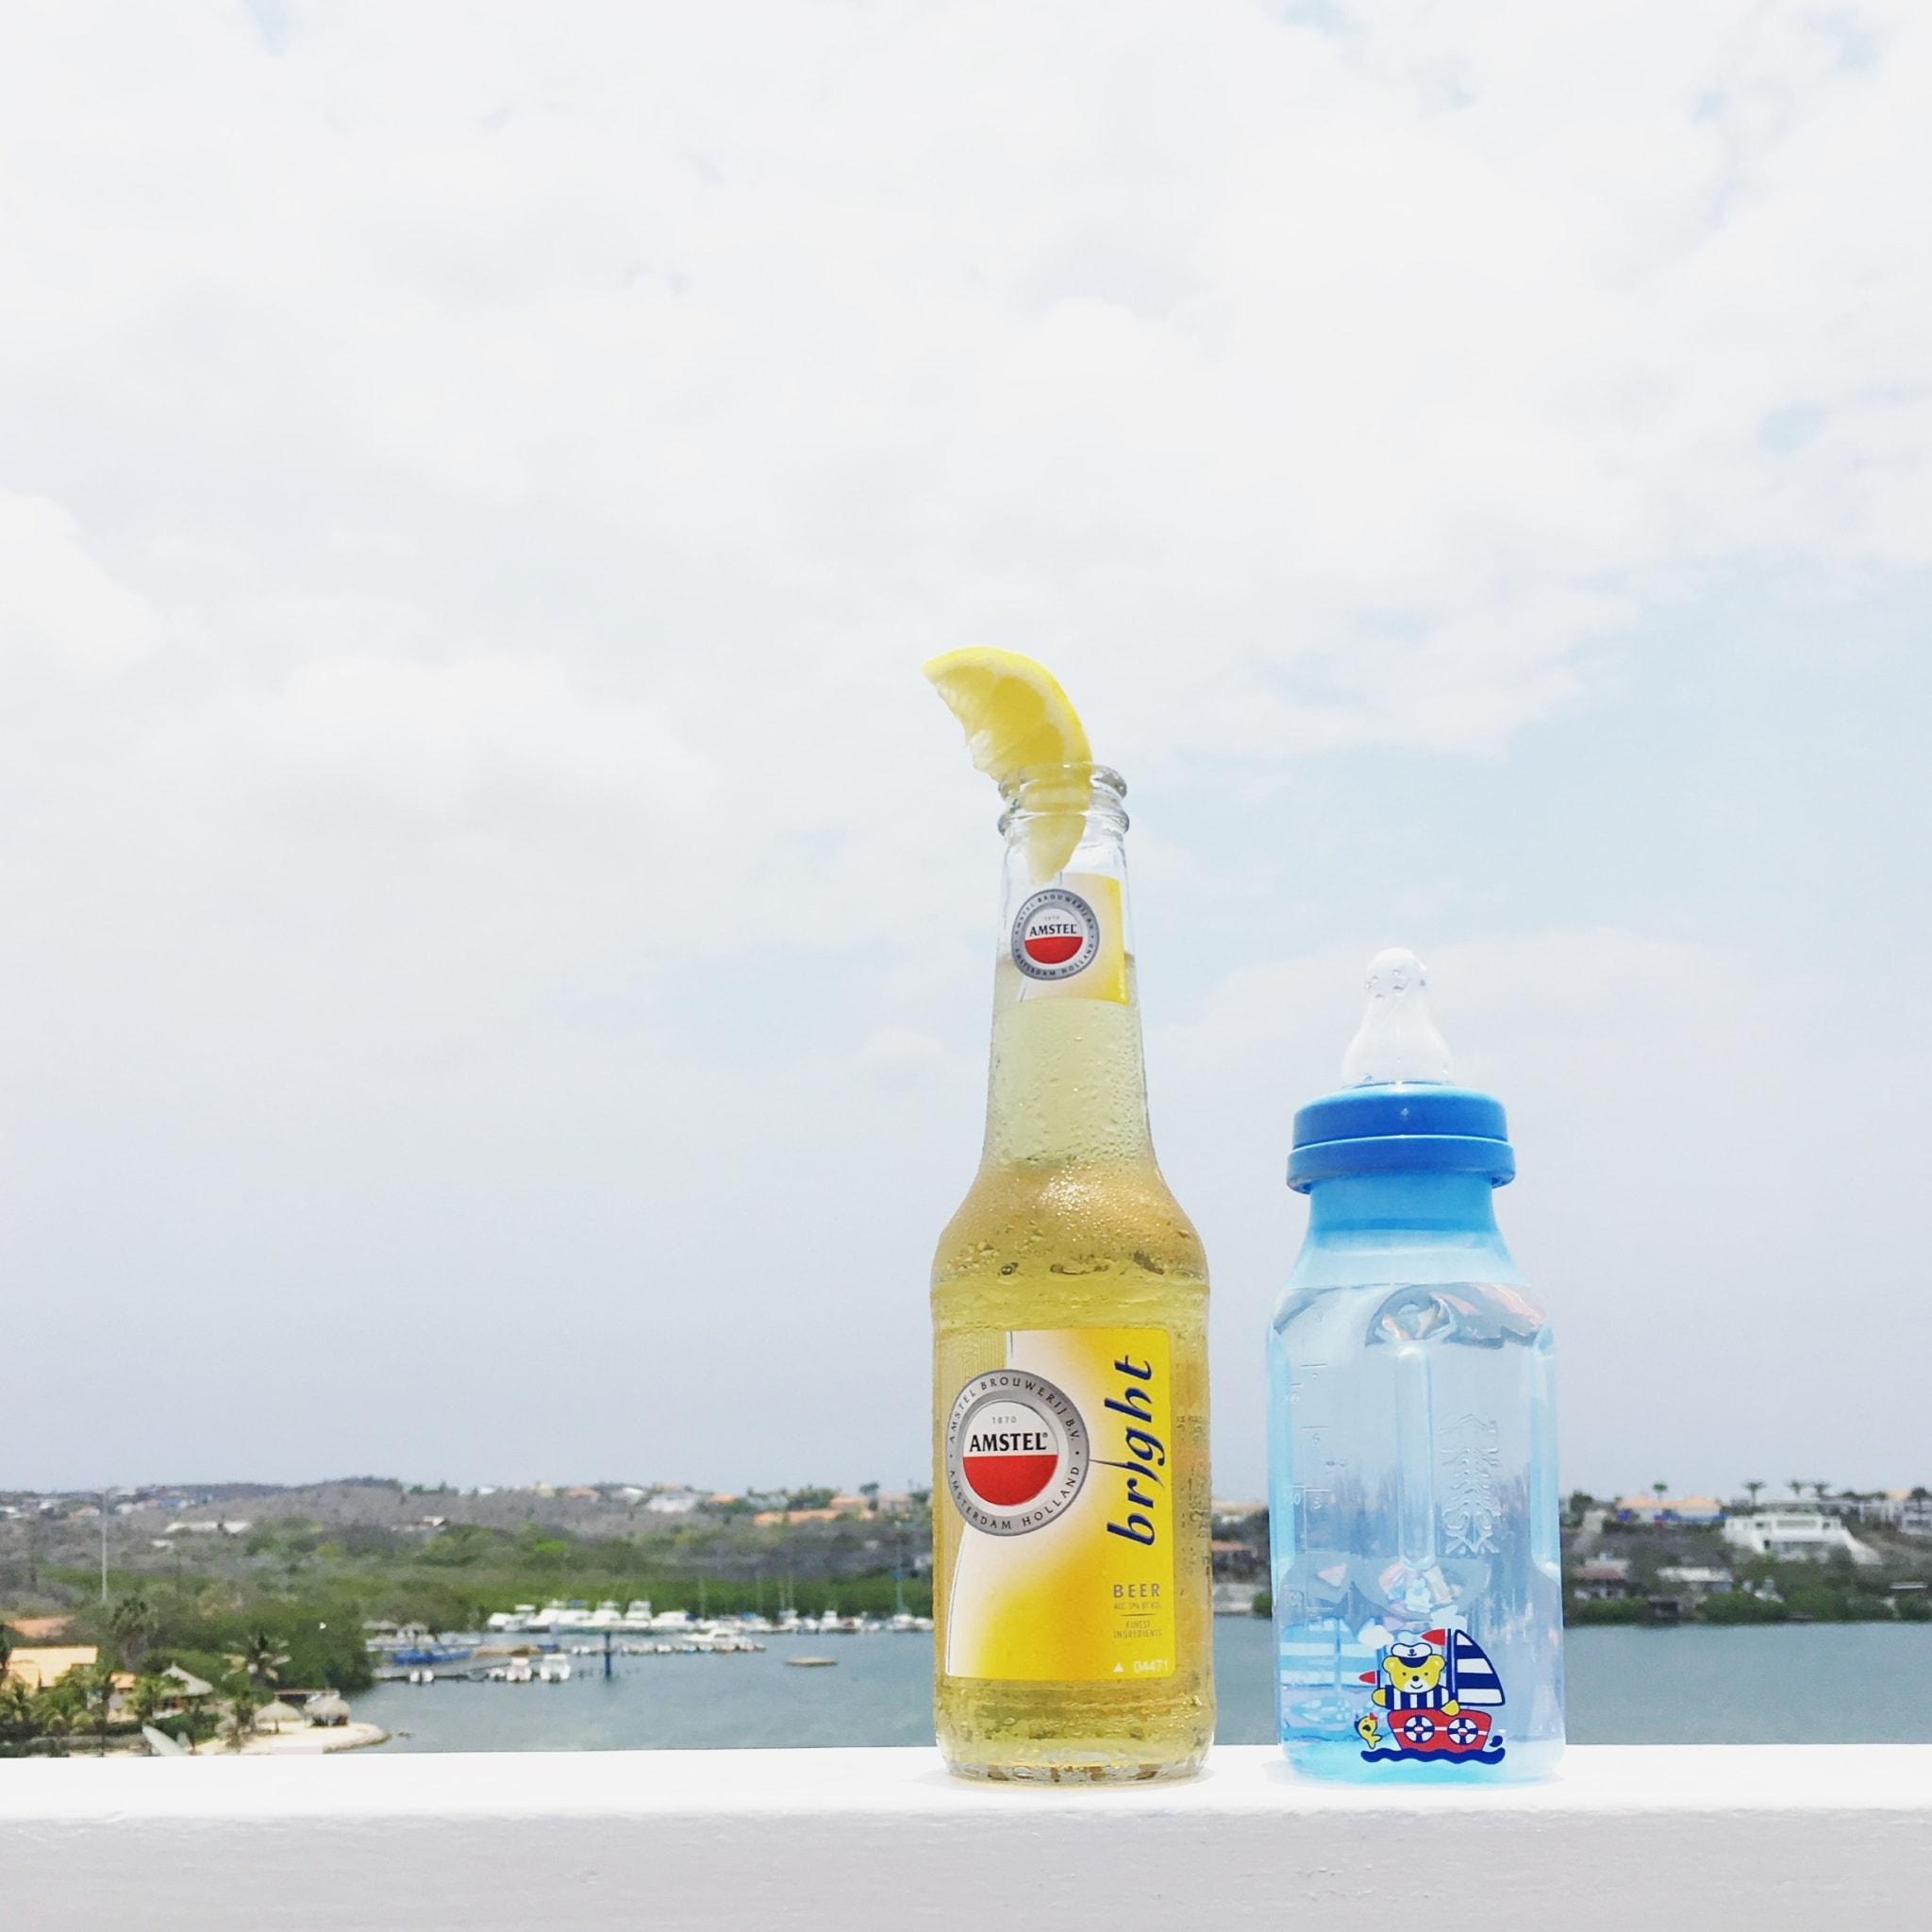 image21 - V is voor Vakantie op Curacao